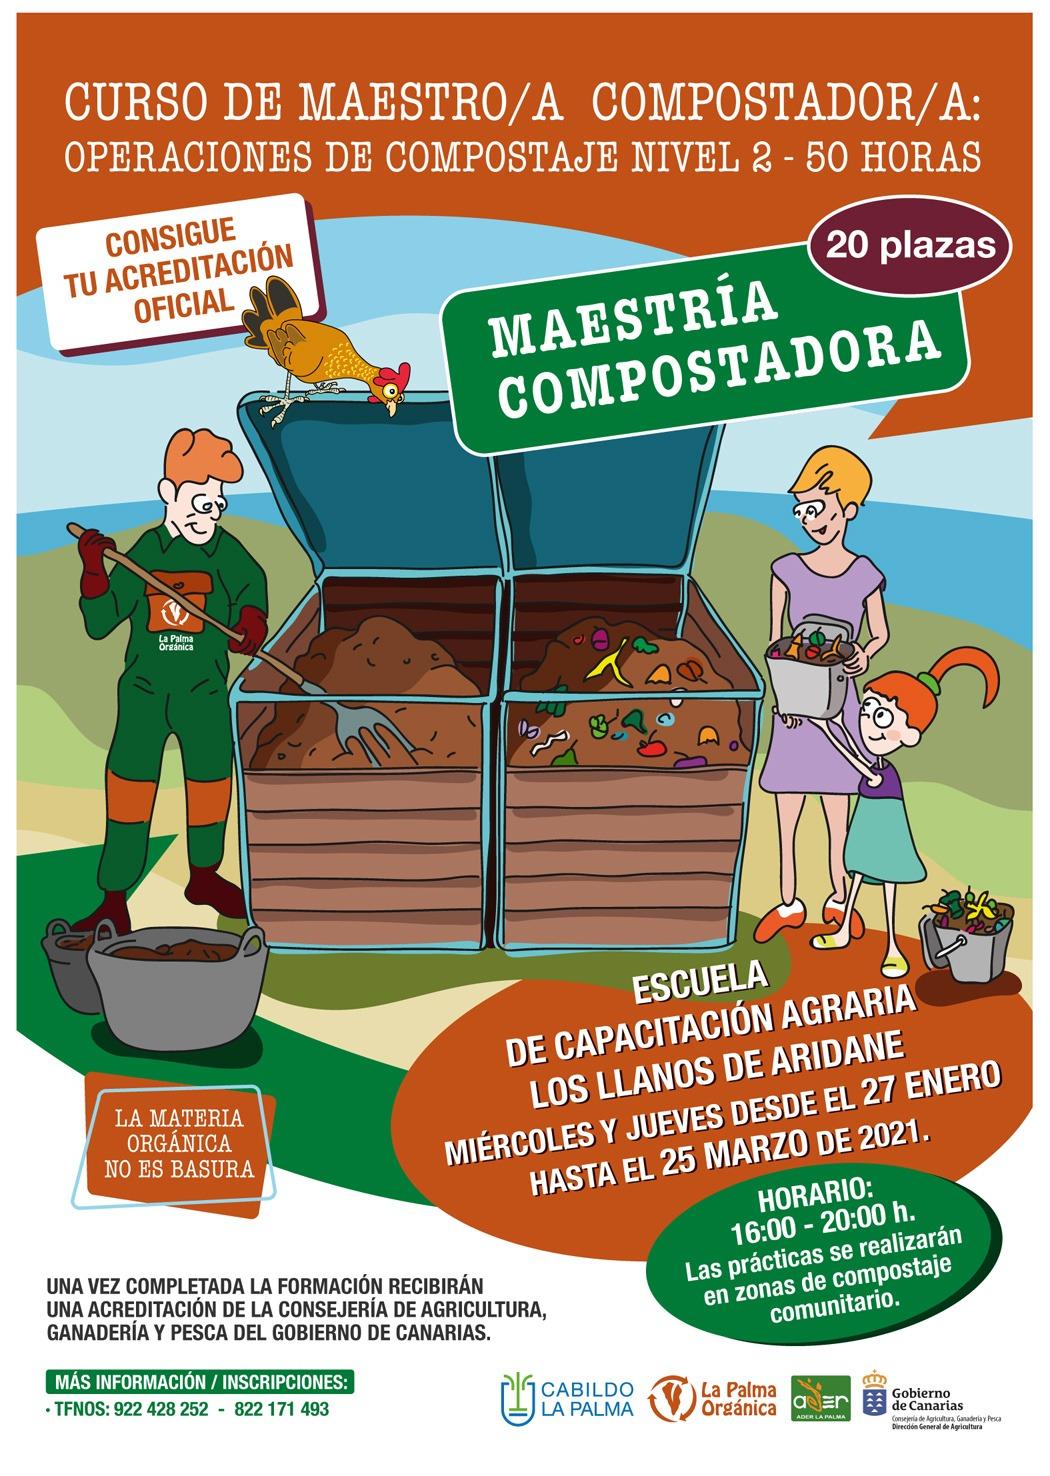 Curso gratutito de Maestría compostadora, operaciones de compostaje Nivel 2 y con reconocimiento oficial